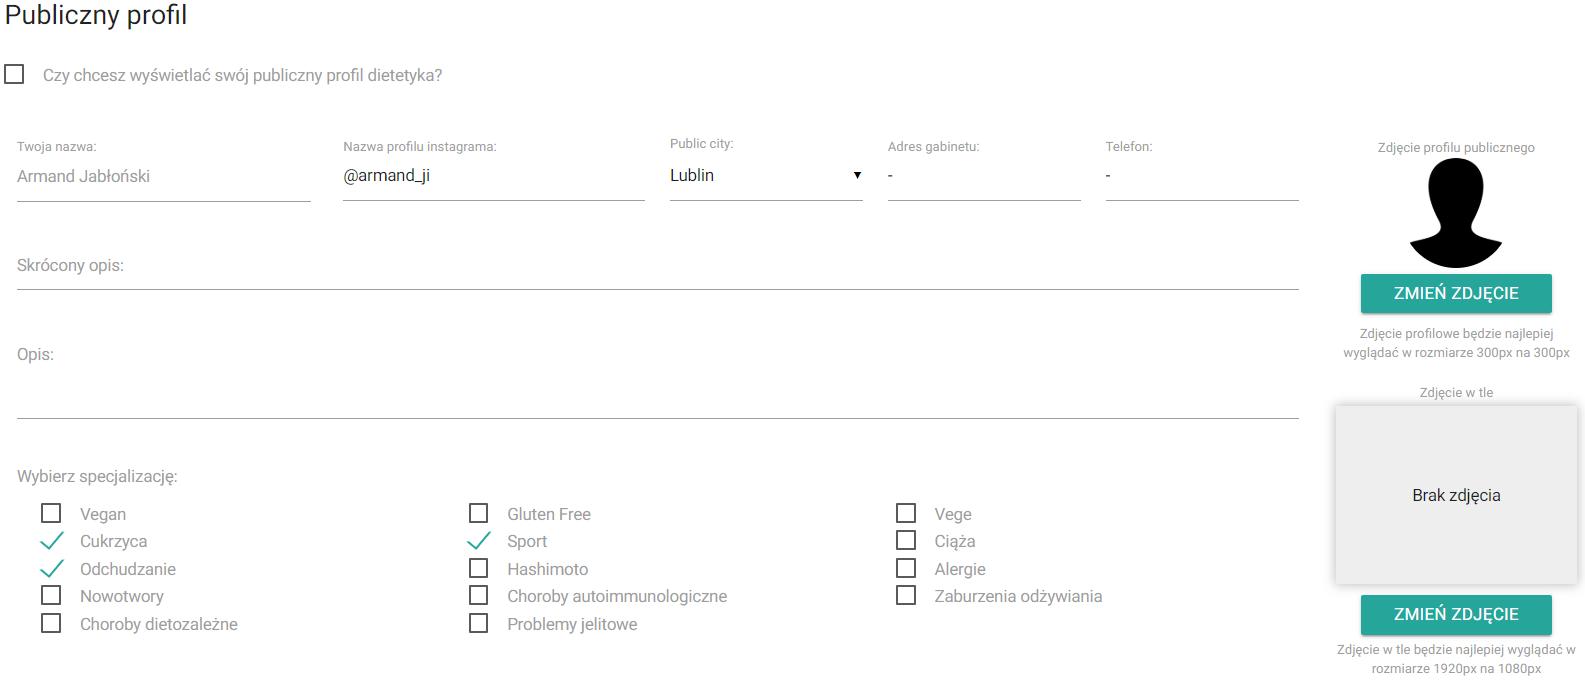 Profil pozwalający gromadzić pacjentów